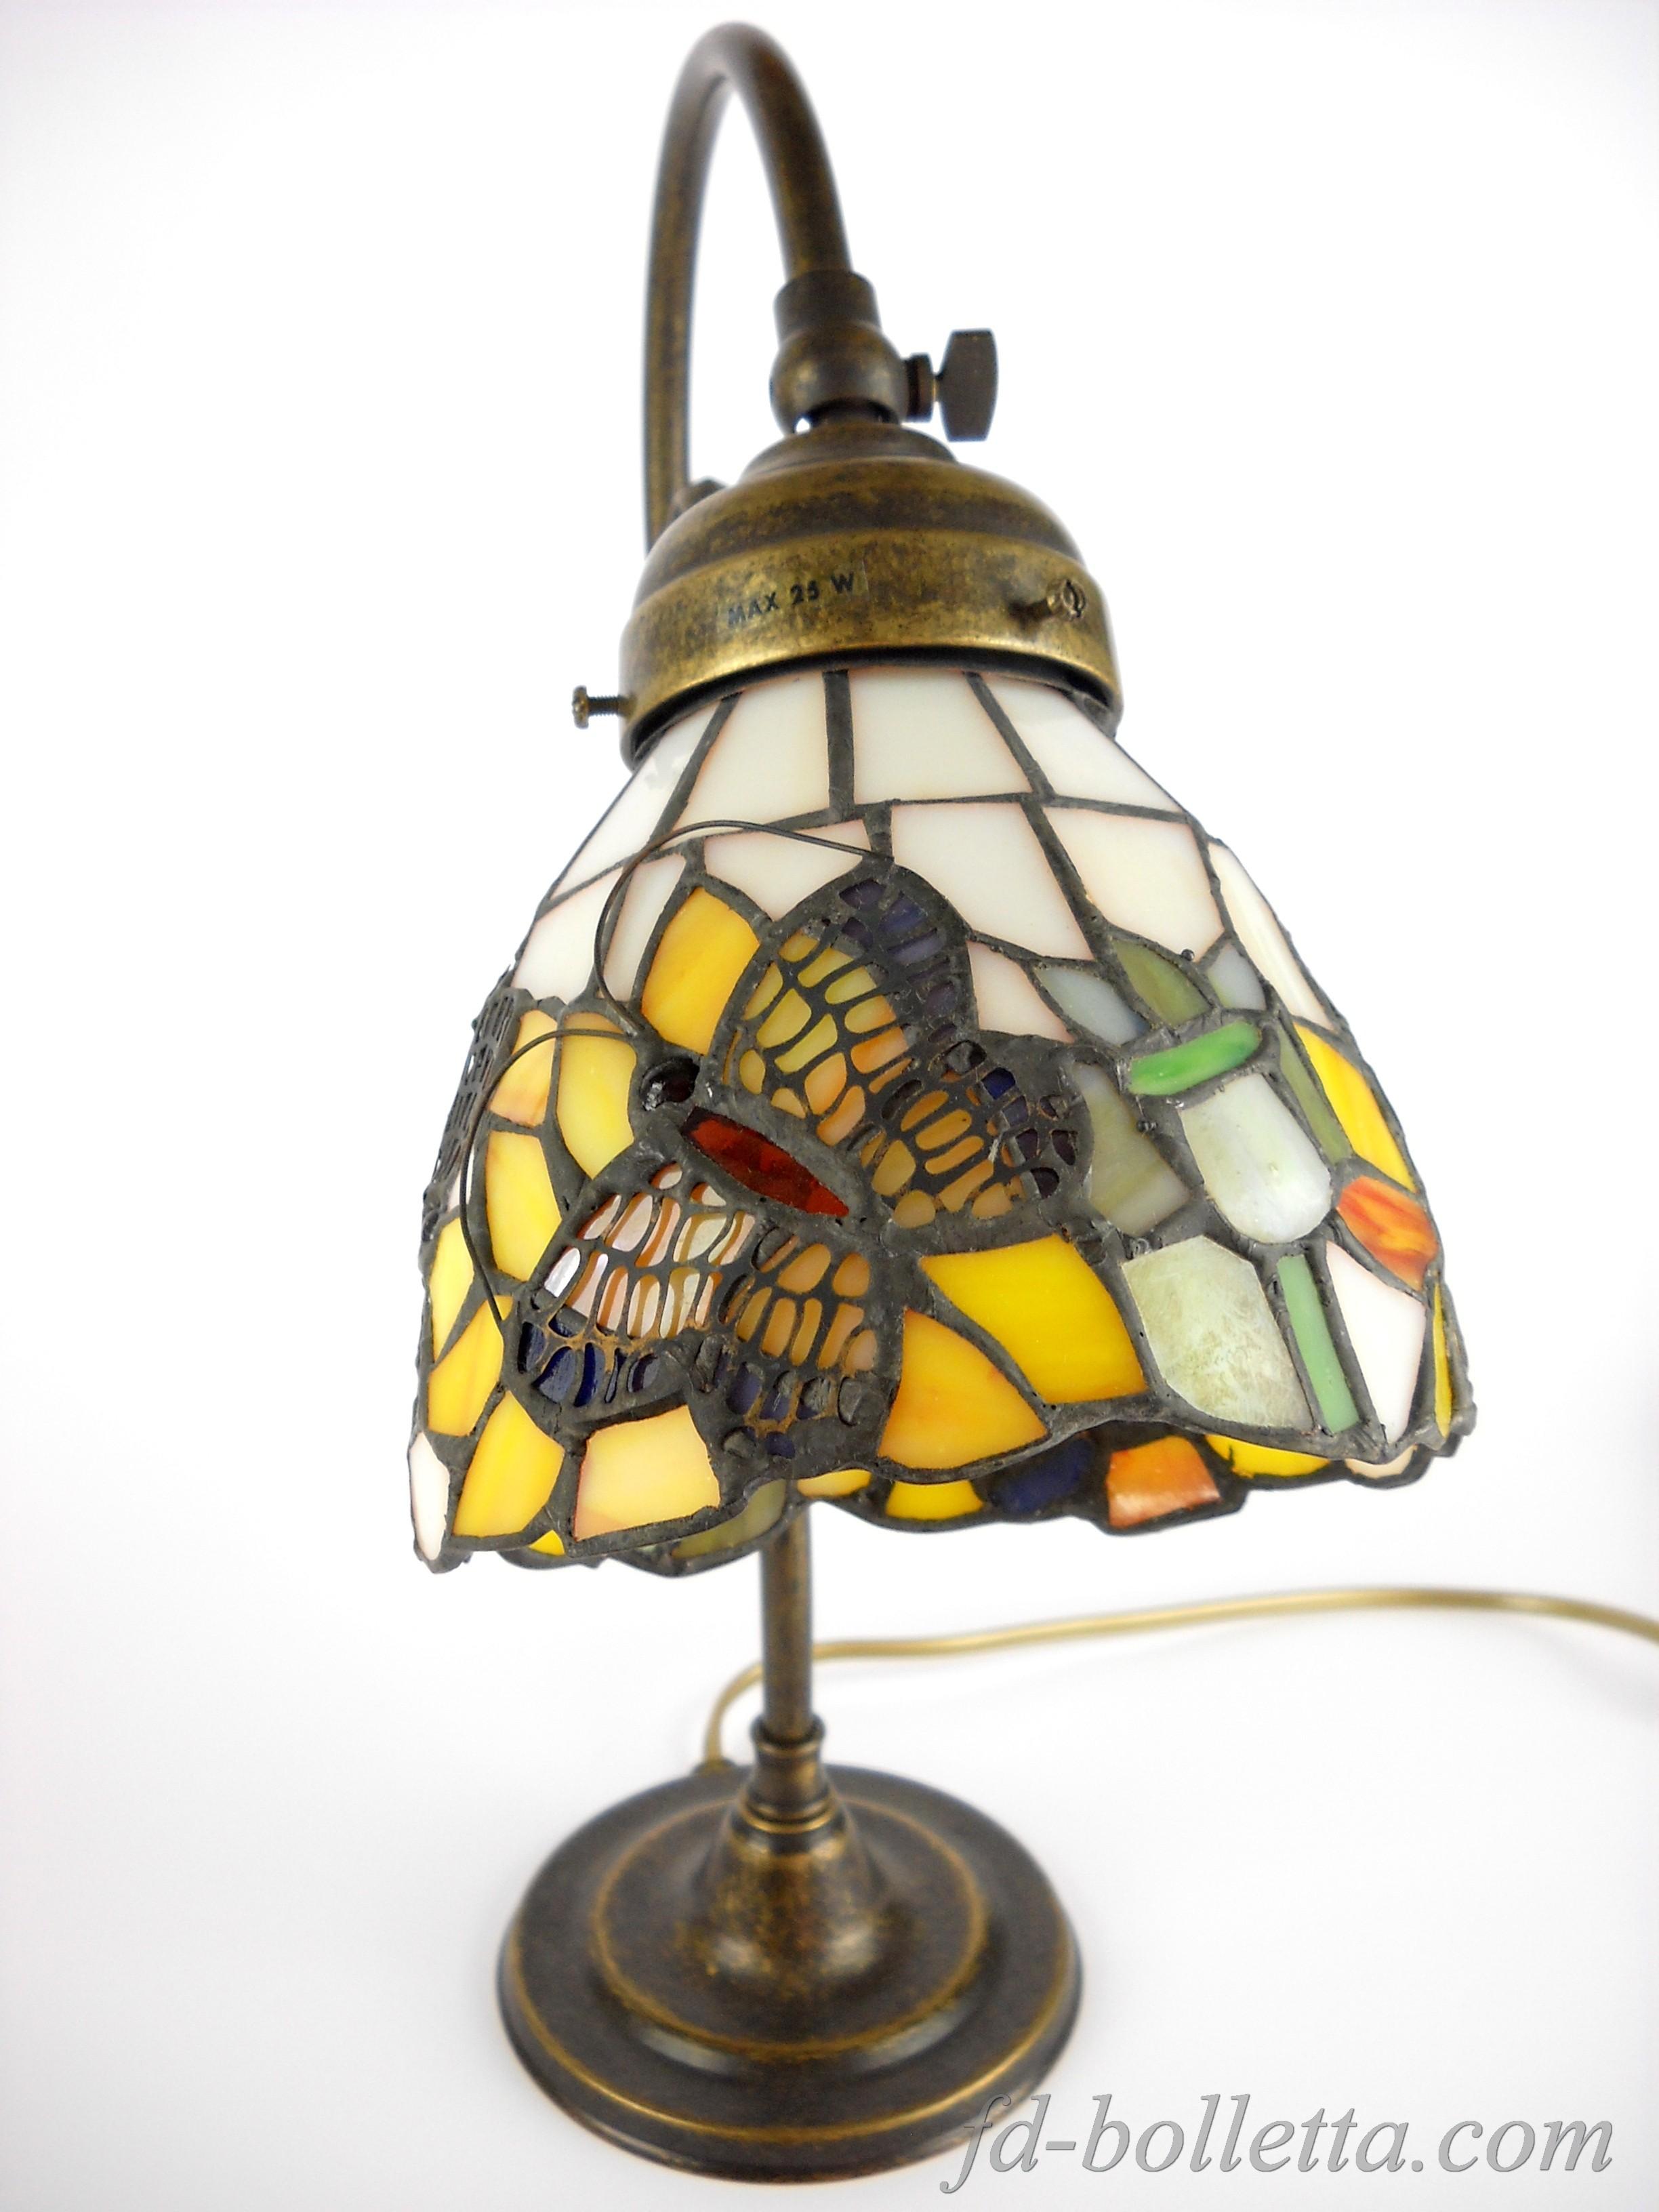 Lampada ottone brunito da tavolo scrivanie lampade liberty stile tiffany m20 ebay - Lampada da tavolo vintage ebay ...